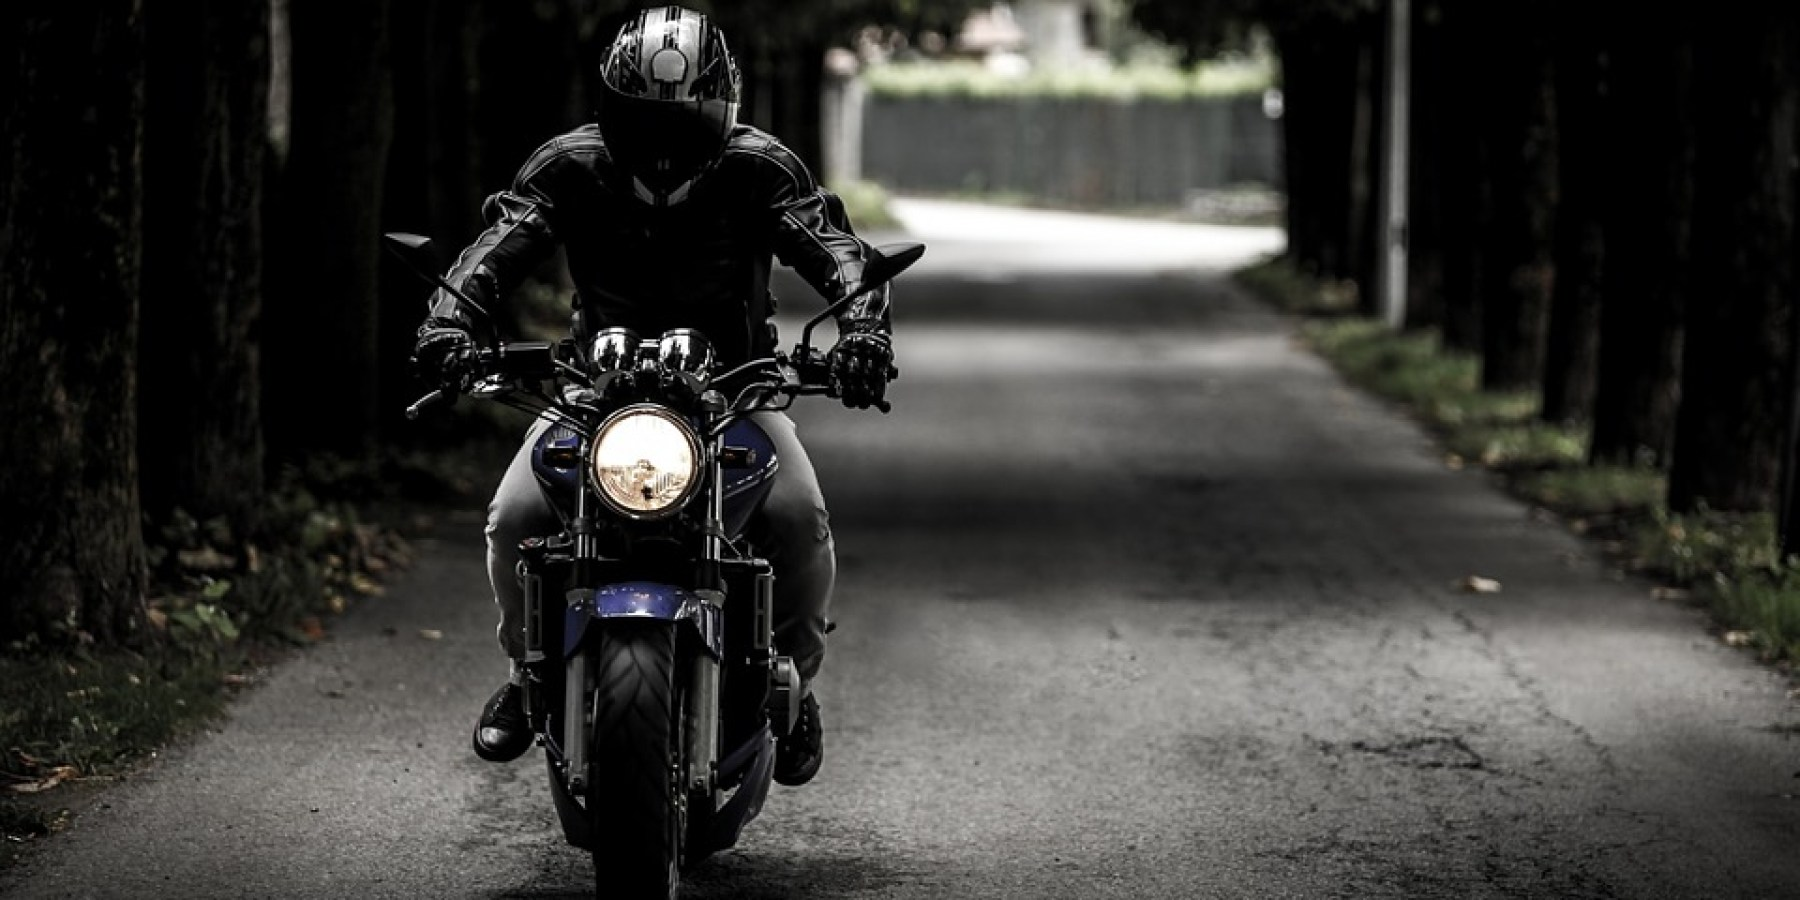 Motorradfahrer mit 121 Km/h auf dem Alten Mühlenweg